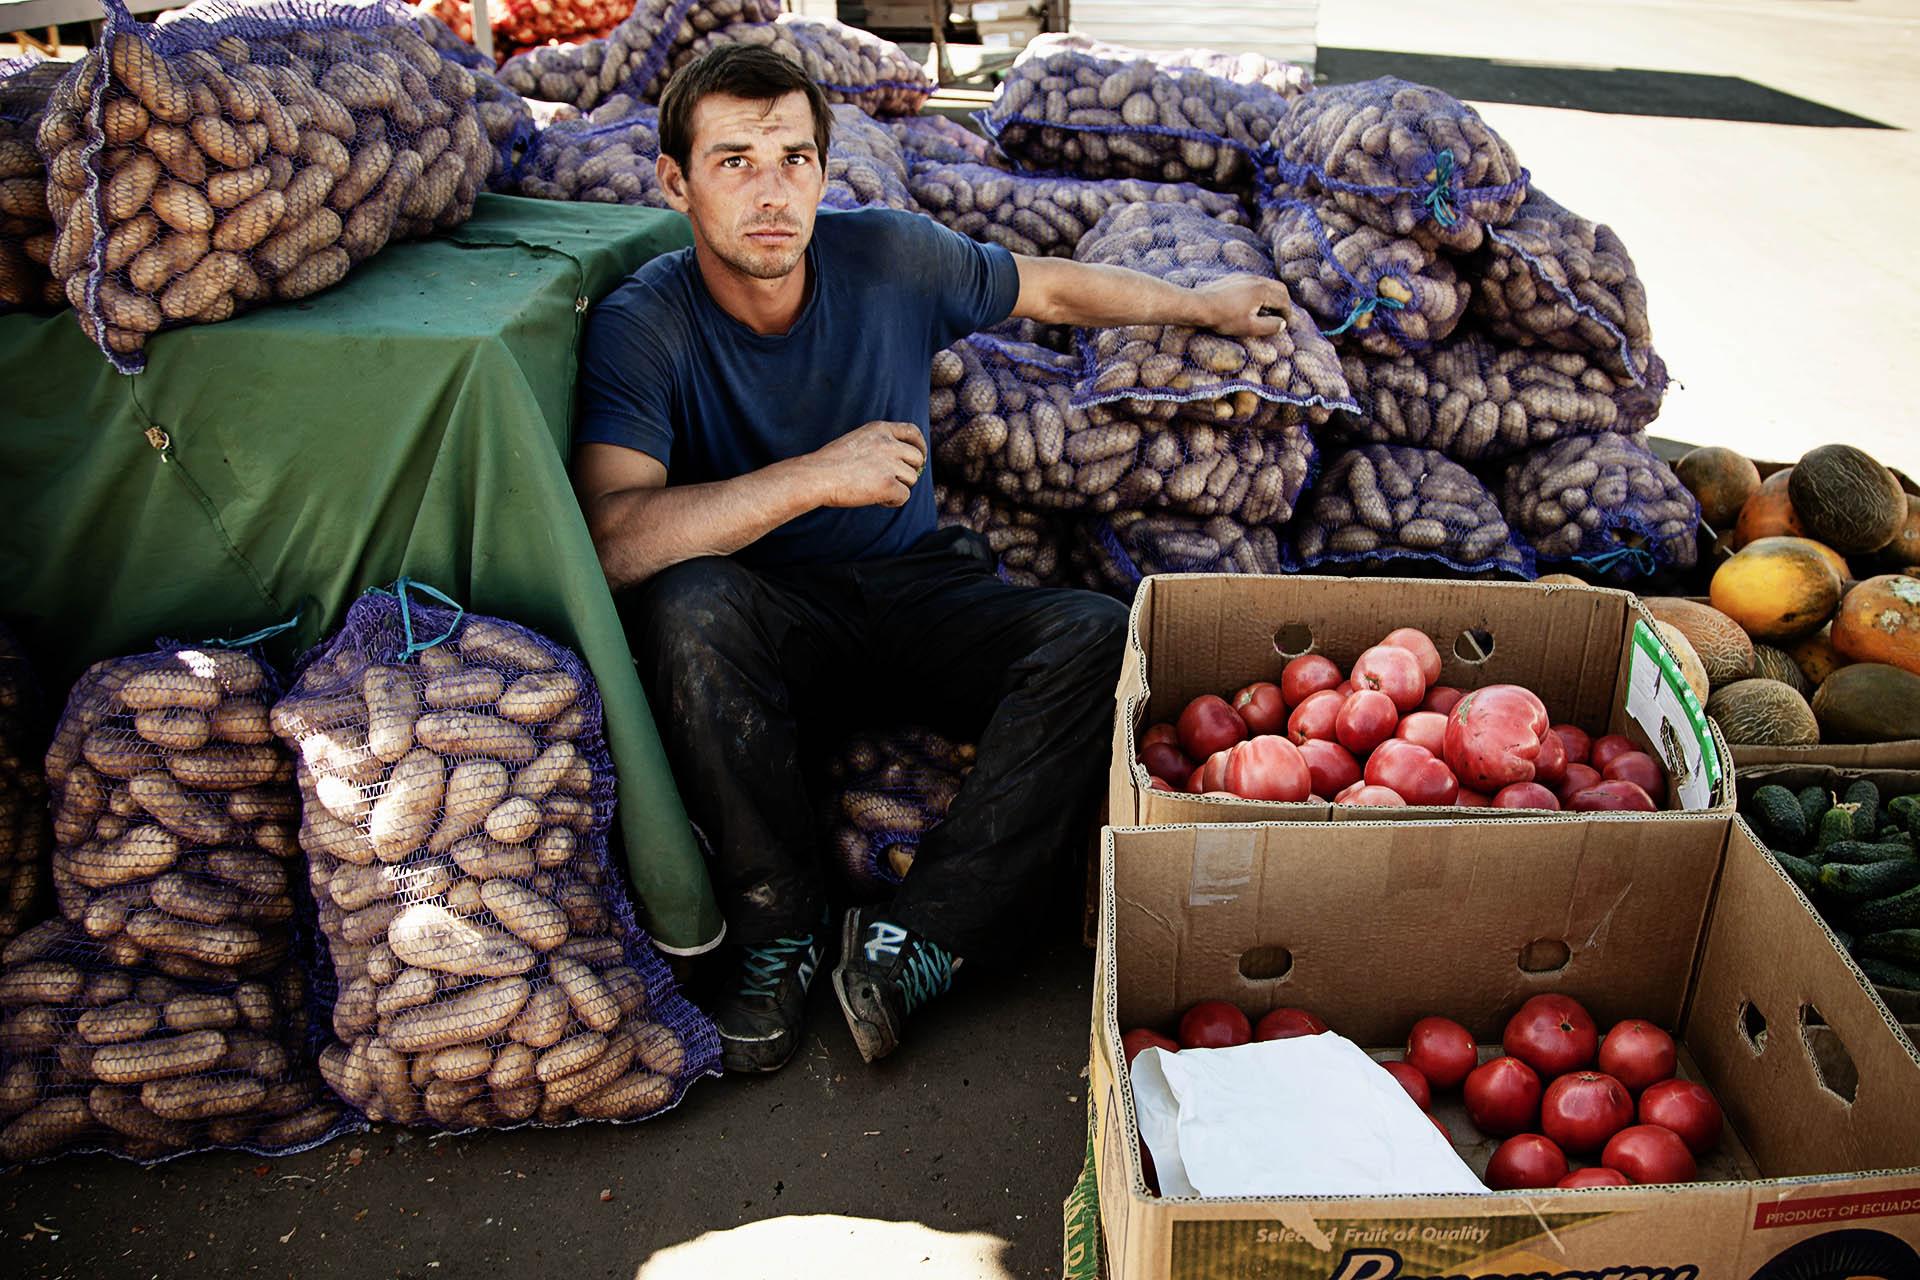 Los mercados están bien abastecidos, al menos de productos básicos / (Donetsk).